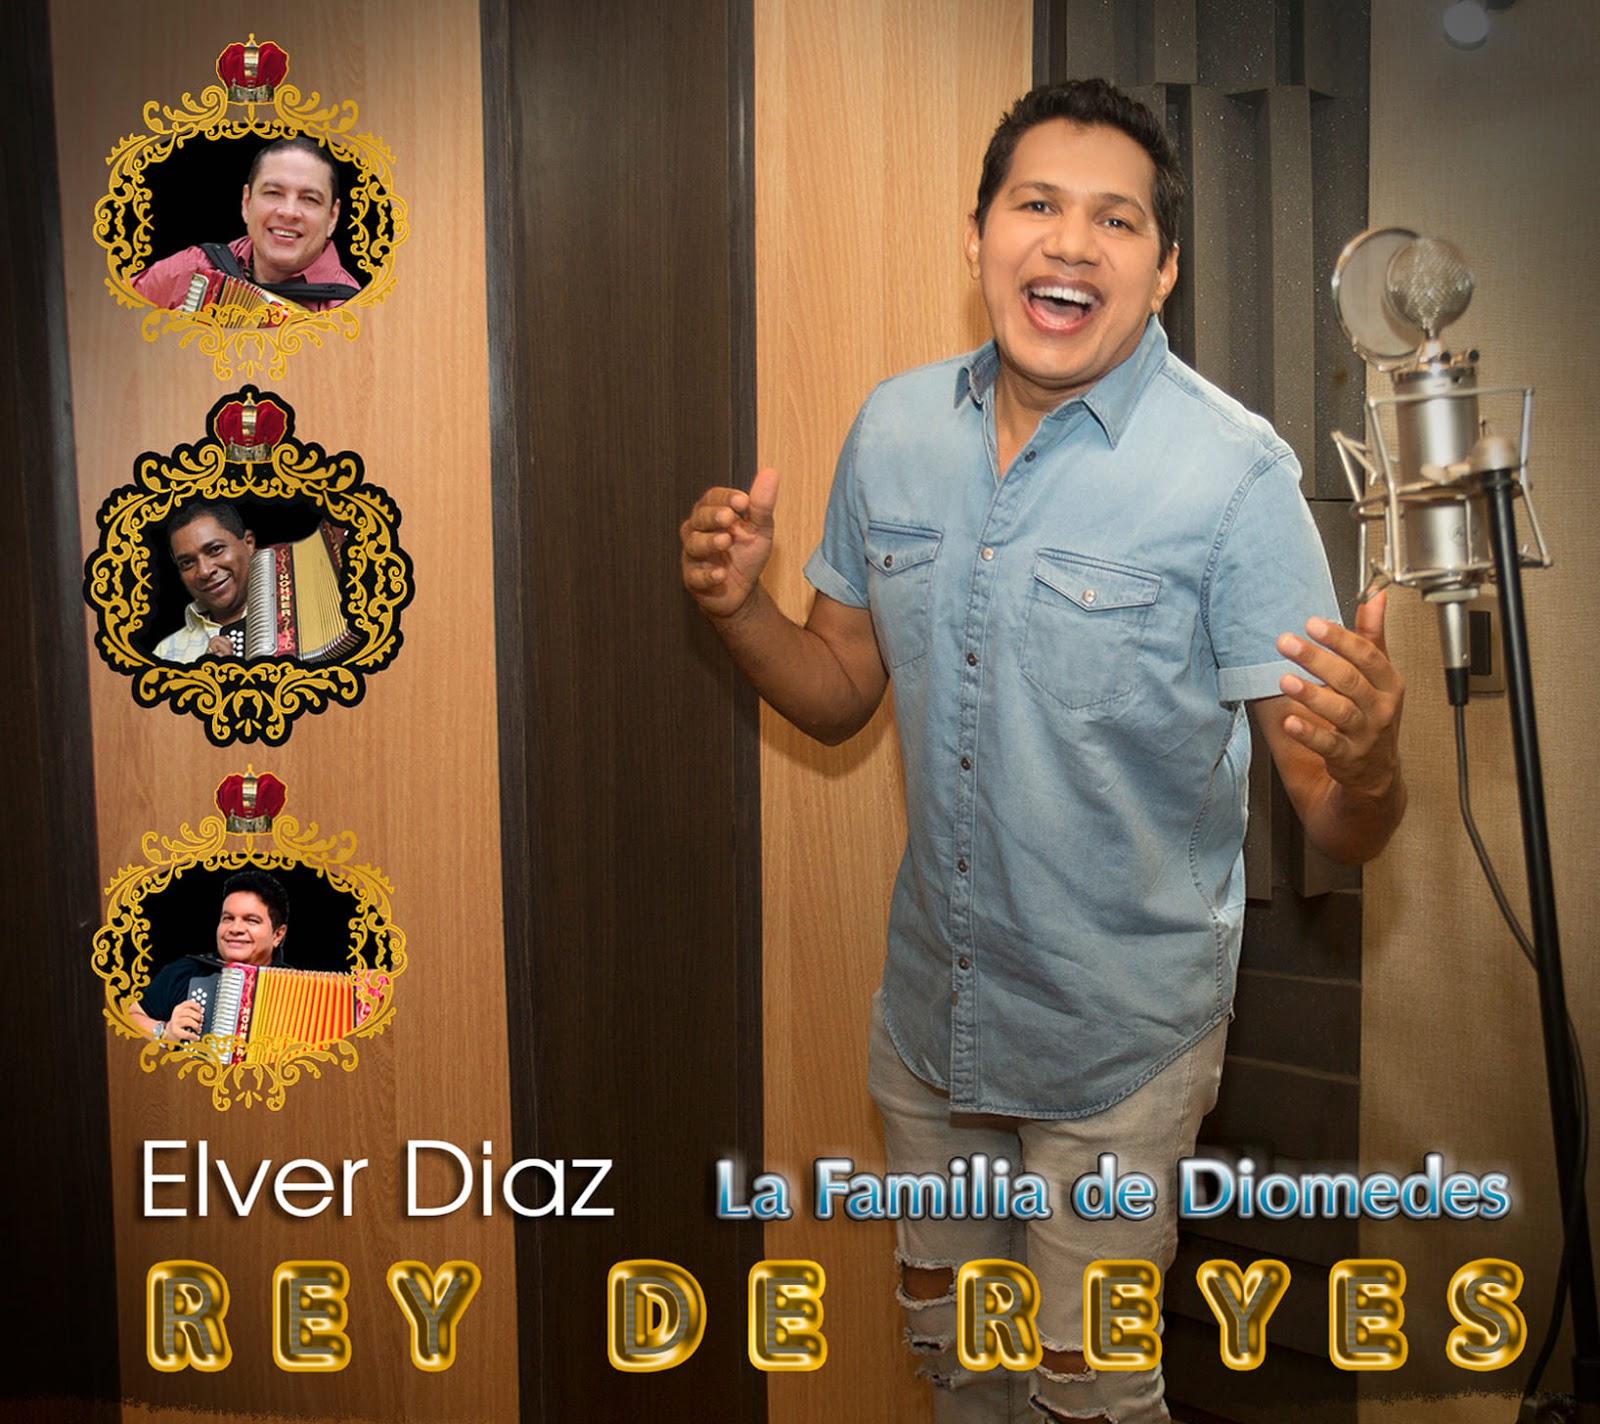 El 20 de octubre será el día del Rey De Reyes, el nuevo CD de Elver Díaz la familia De Diomedes